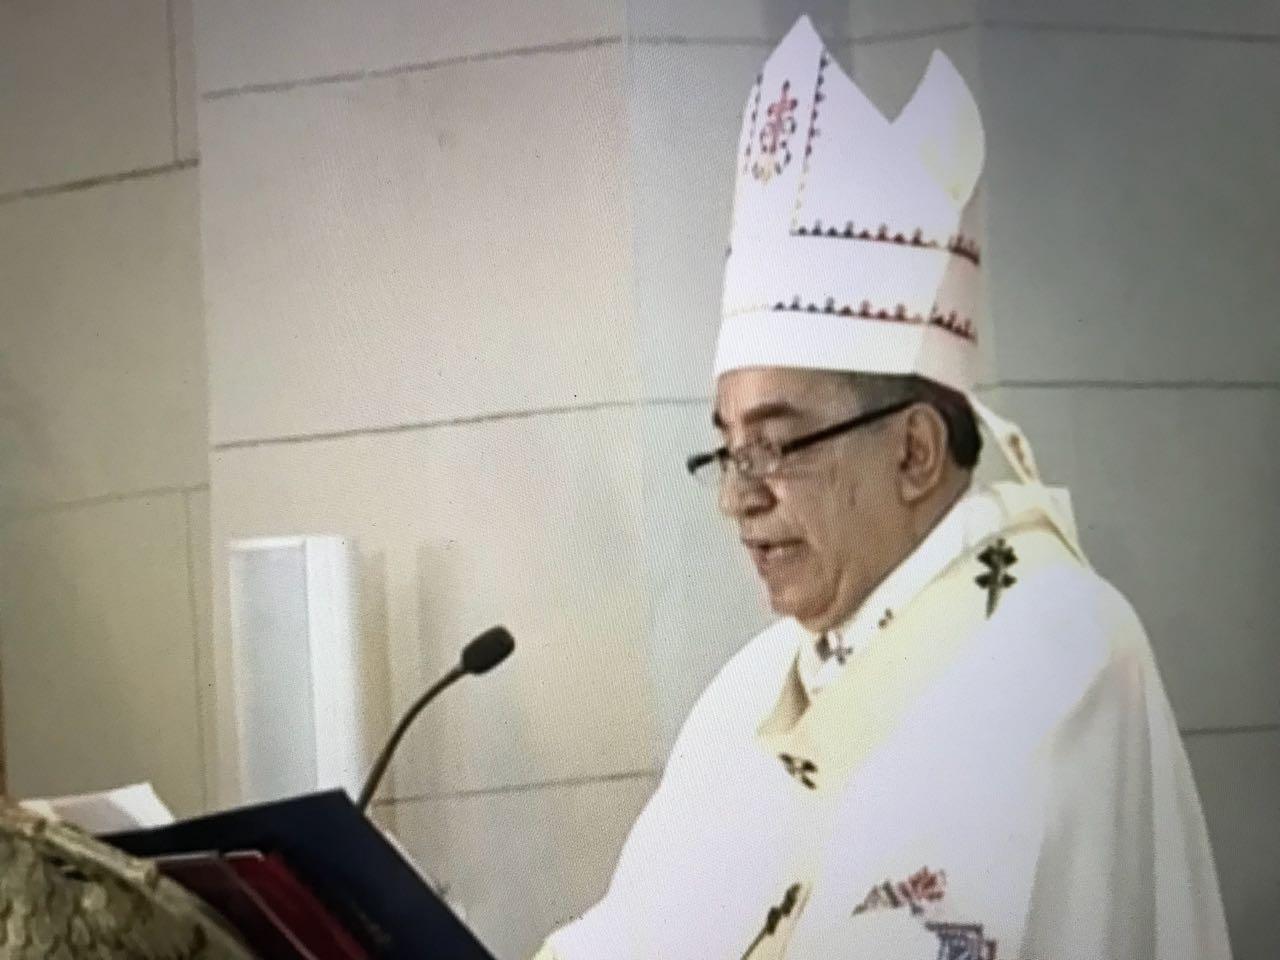 Te Deum de Fiestas Patrias -3 de noviembre 2017- Iglesia San Francisco de Asís, Casco Antiguo